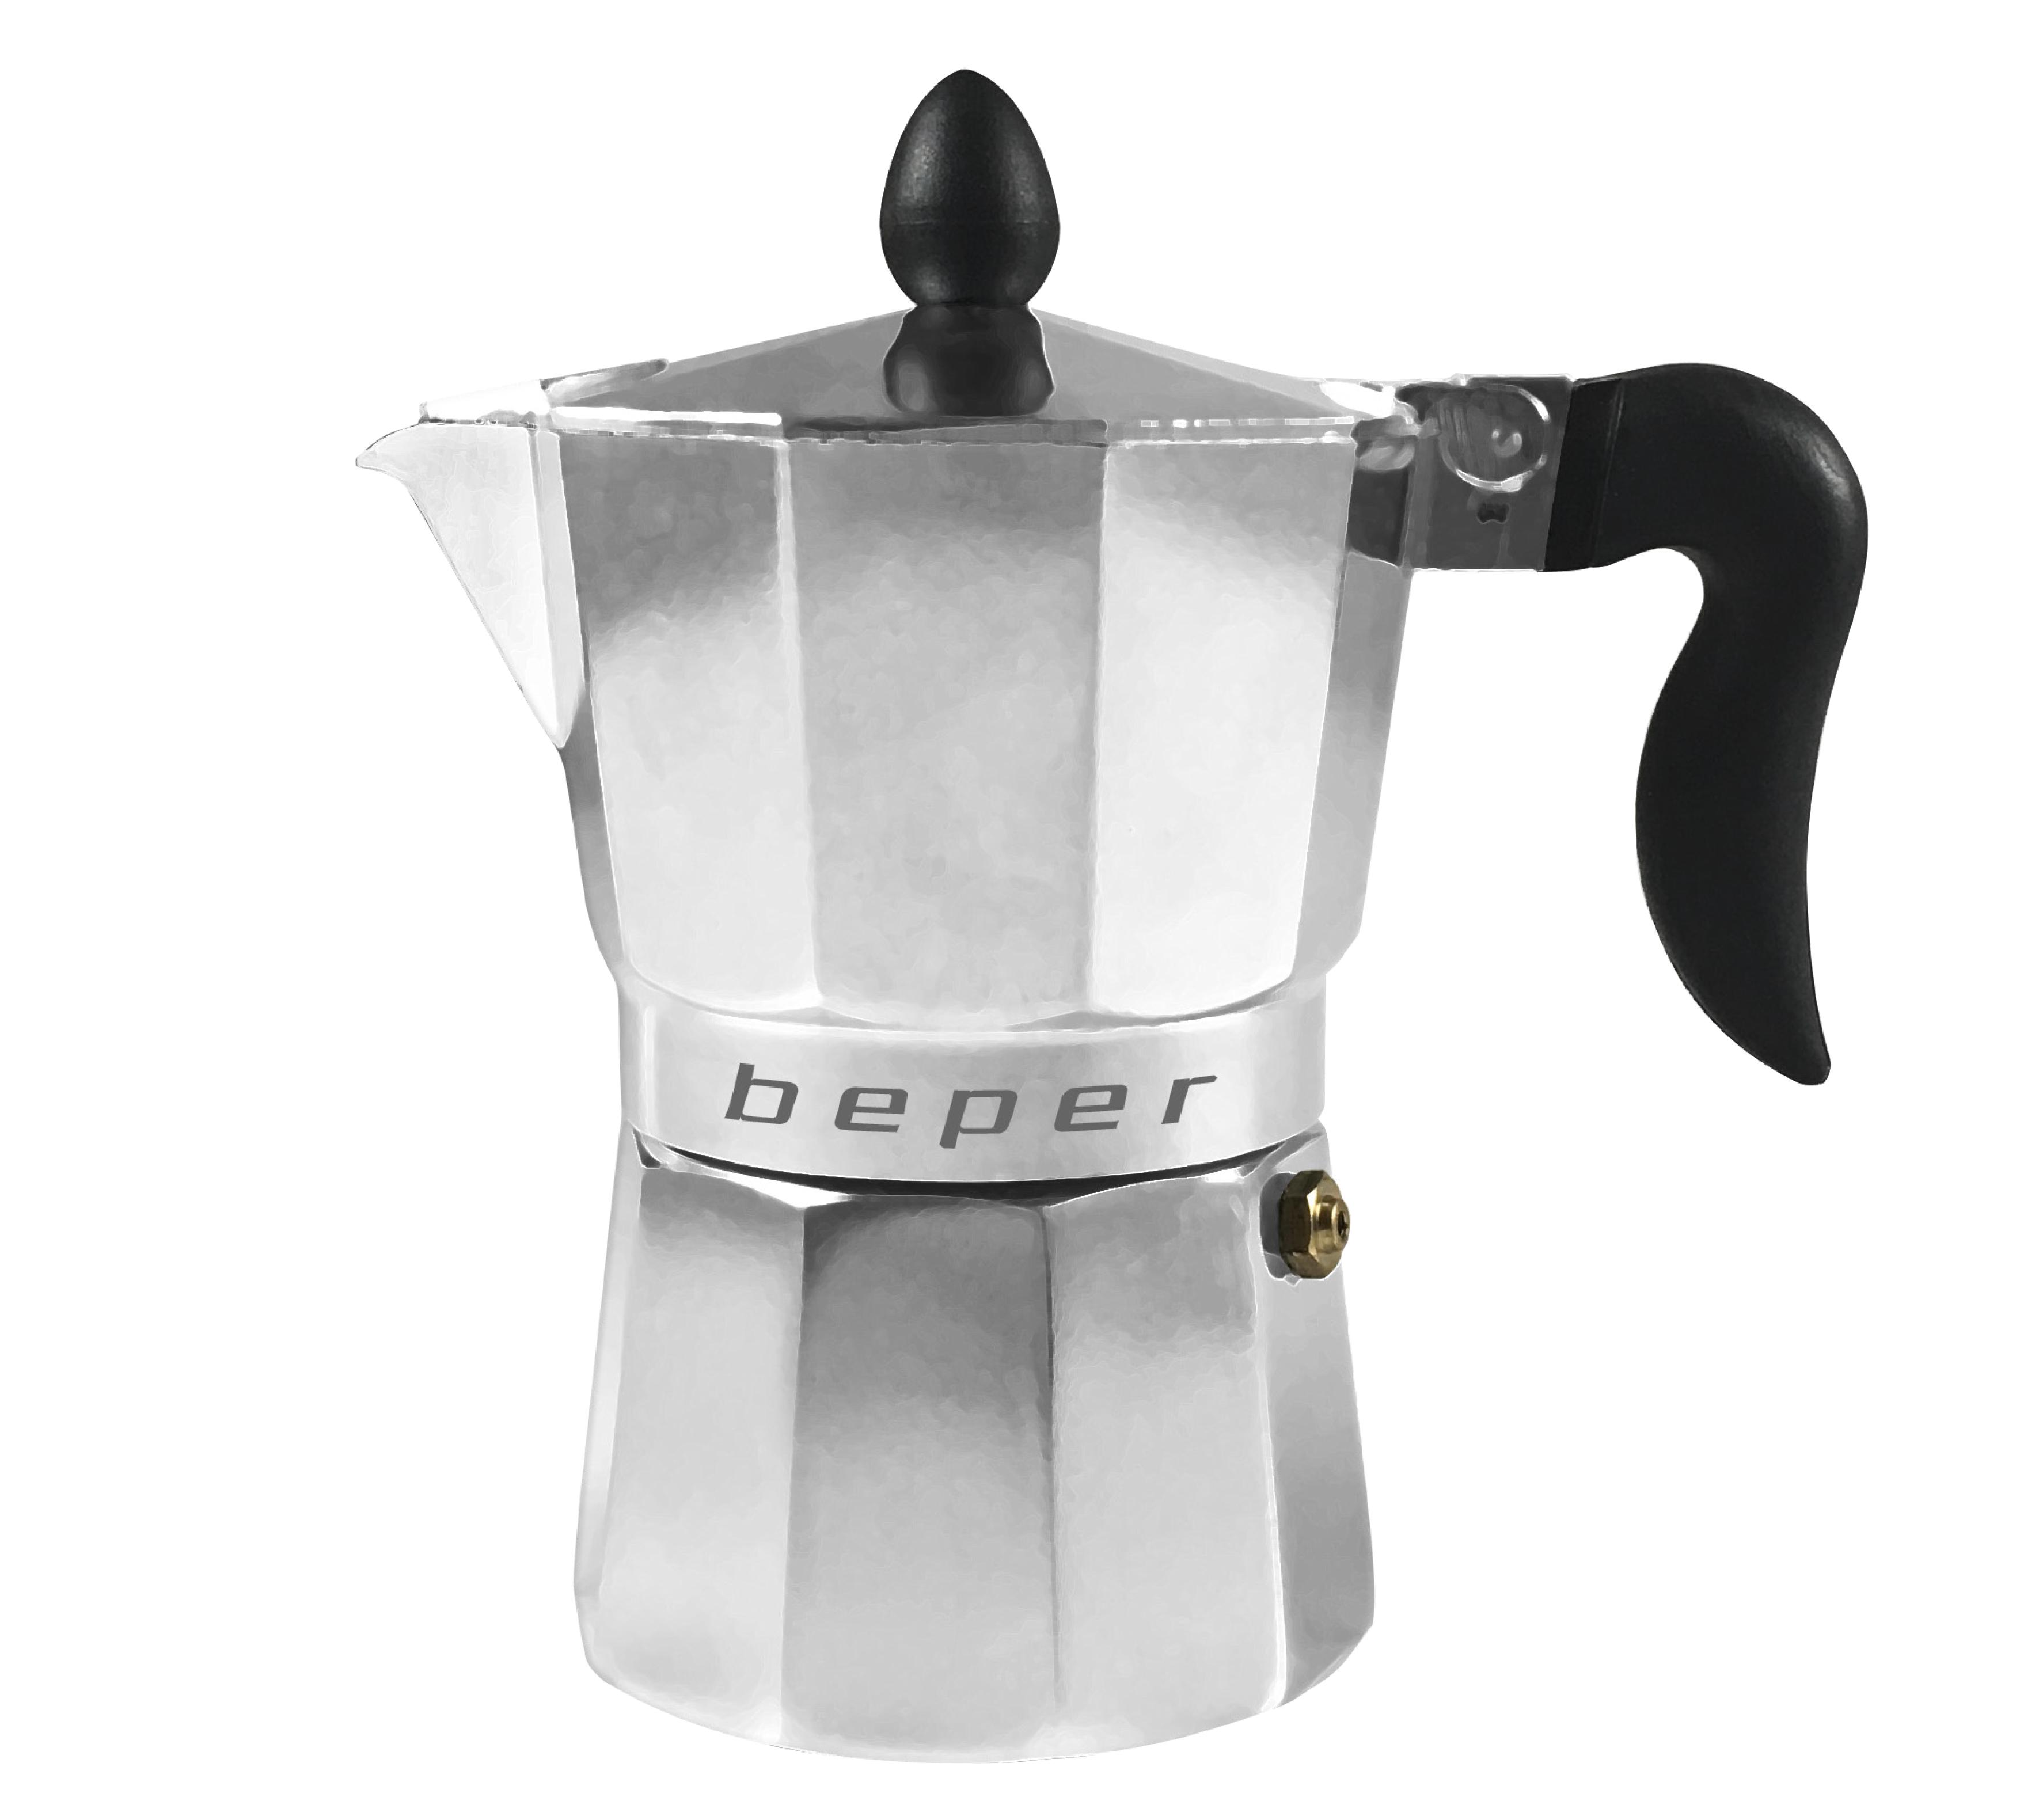 BEPER CA012 kávovar moka pro přípravu tradiční itálské kávy, 6 šálků, kvalitní hliník